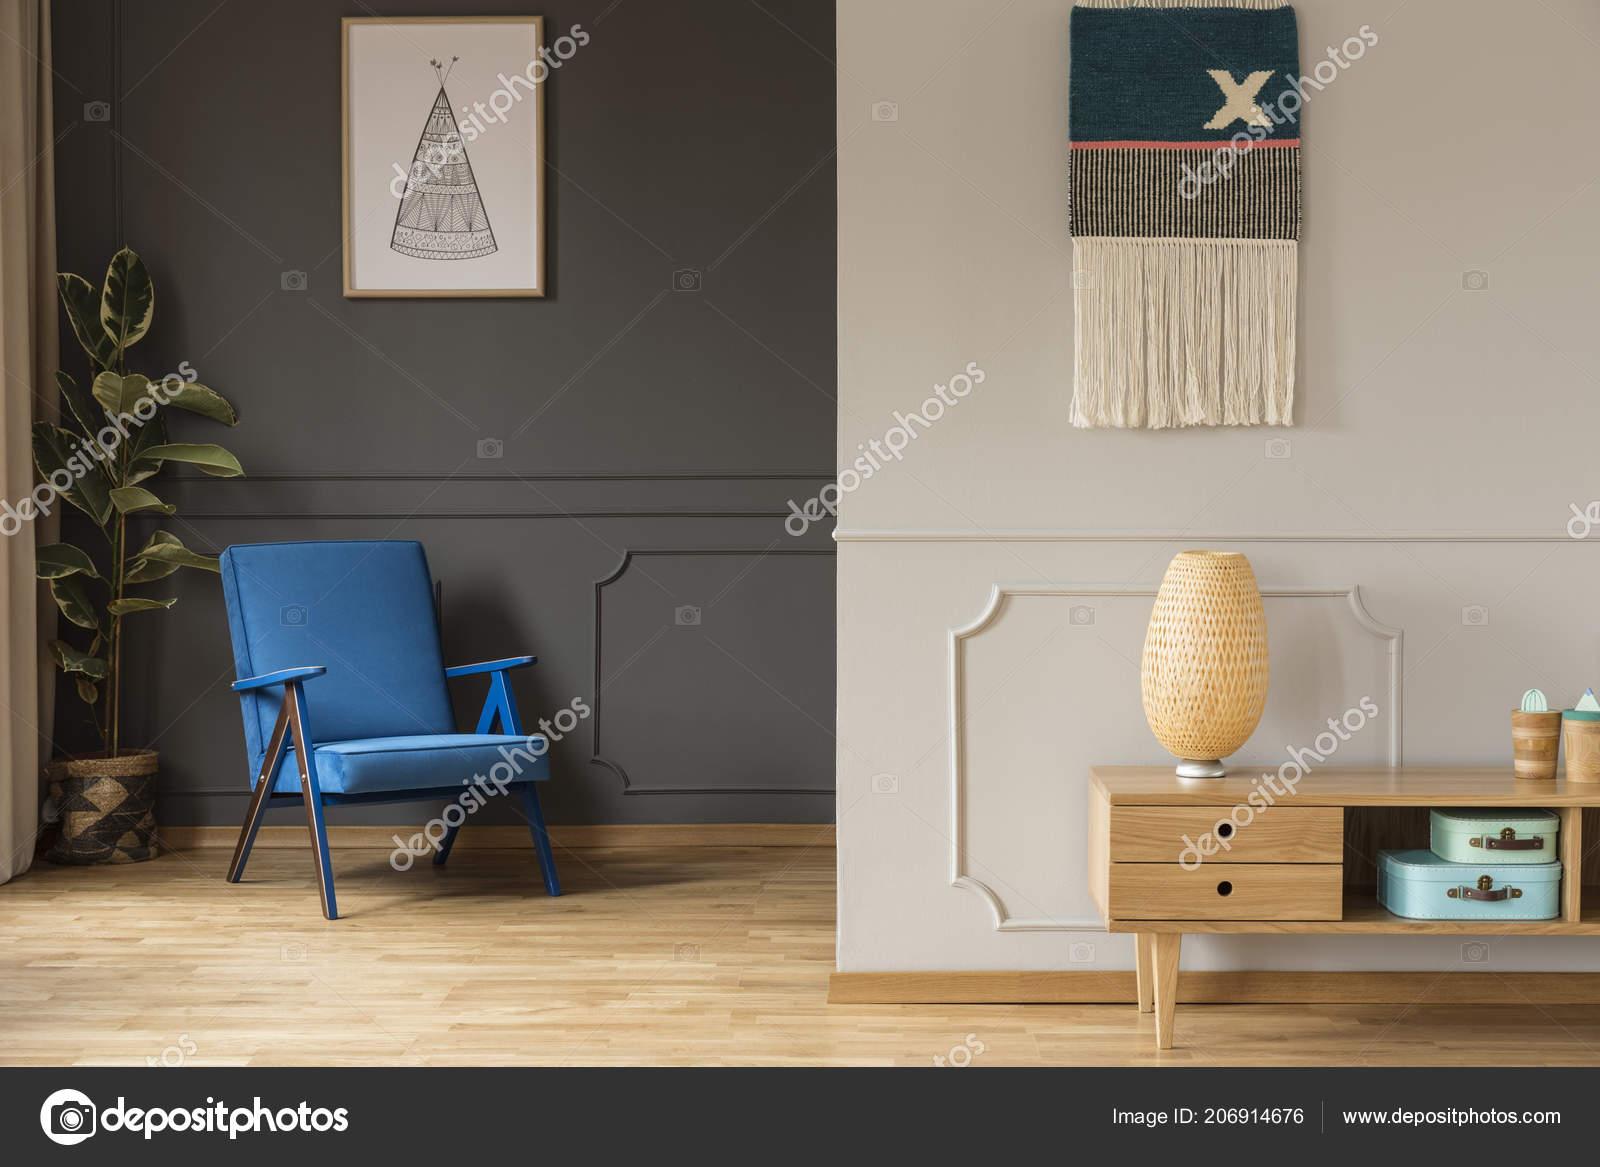 Blauwe leunstoel tegen grijs muur met poster houten kast woonkamer